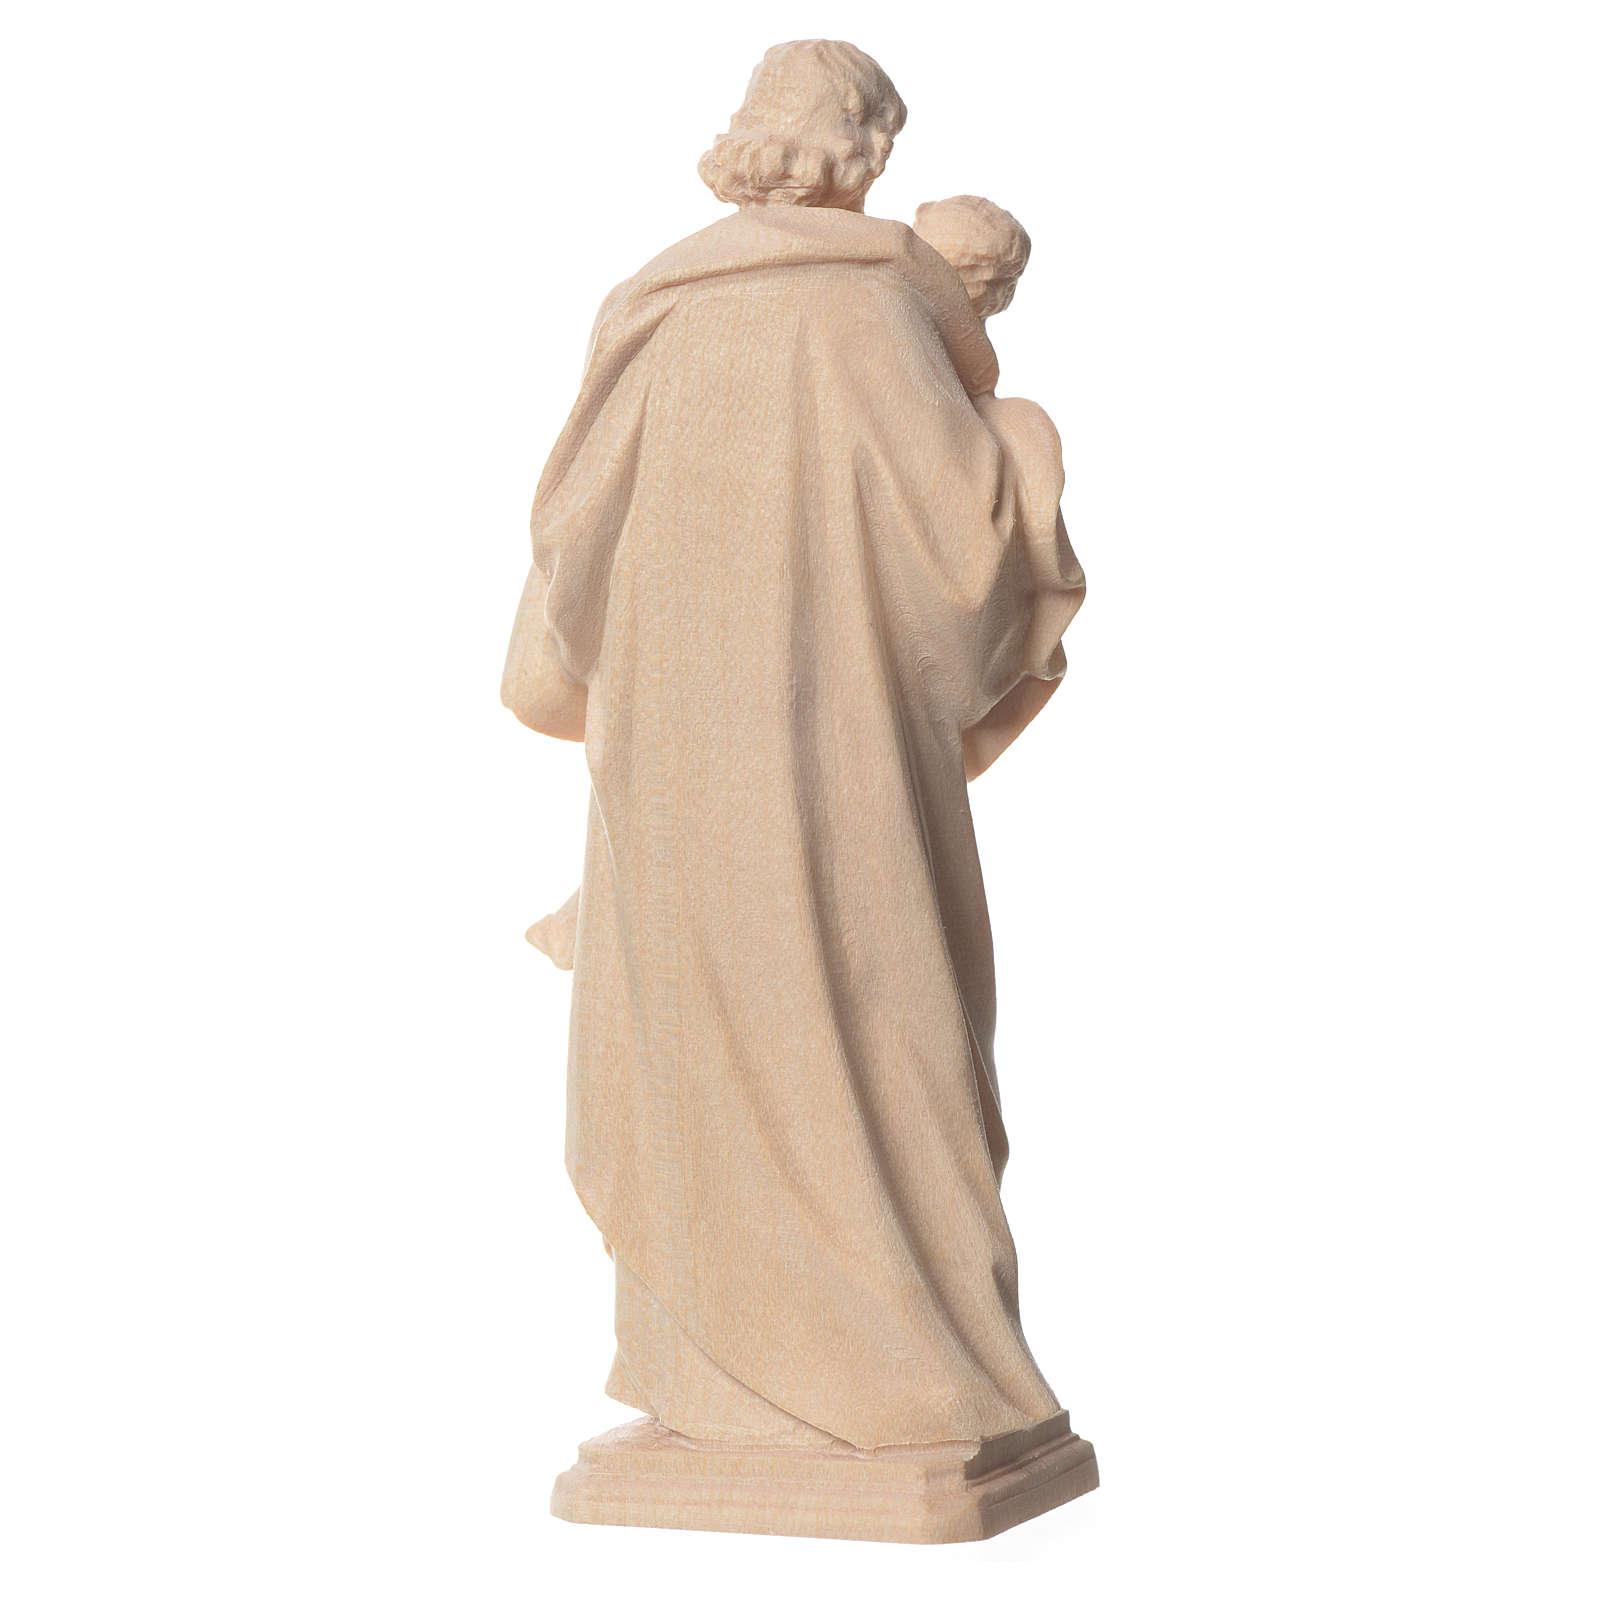 São José de Guido Reni madeira Val Gardena natural 4